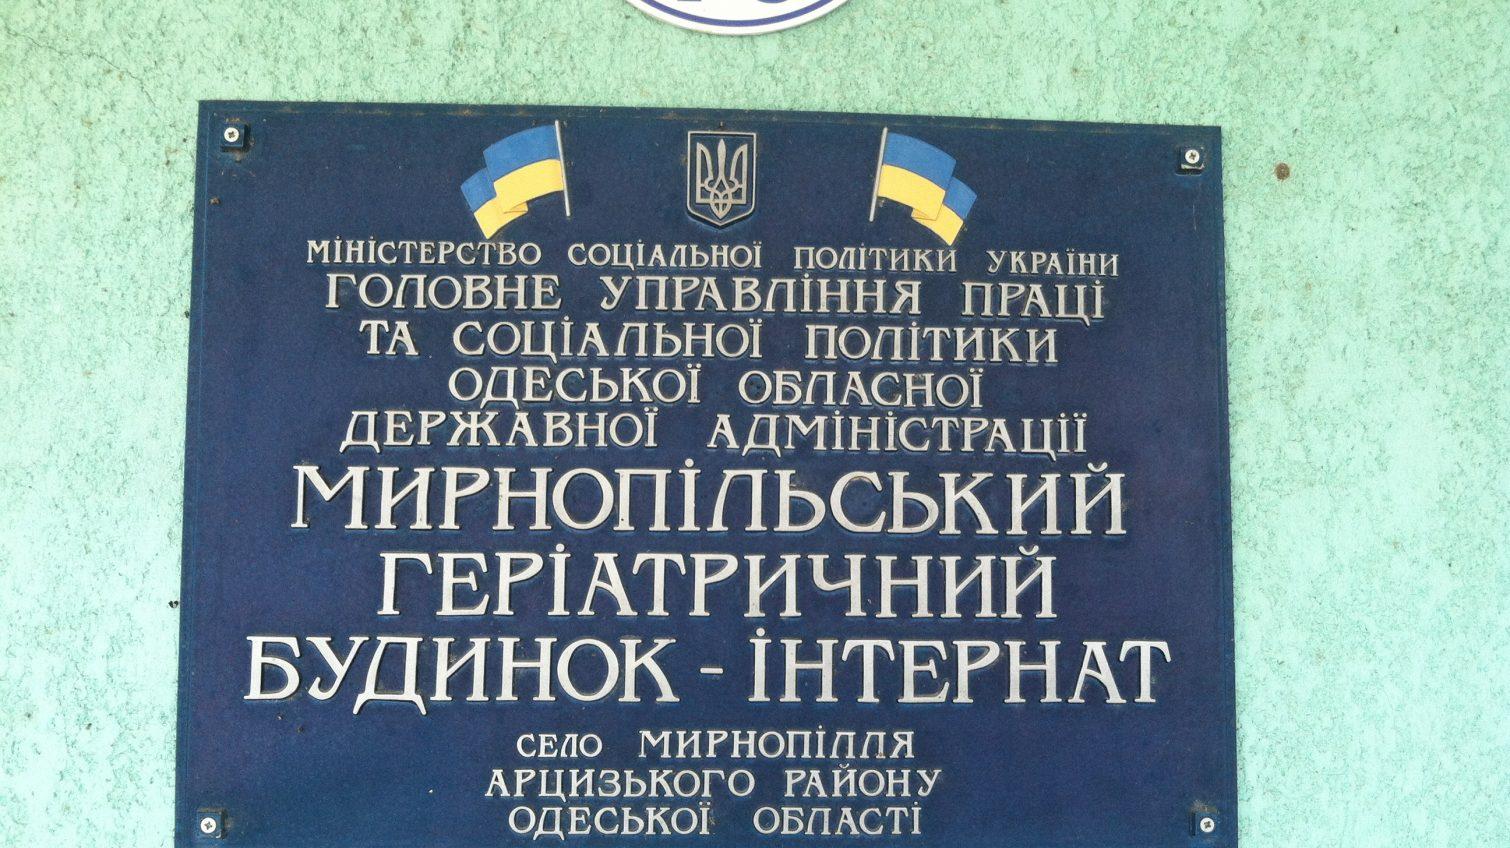 Недостаток медикаментов и отсутствие пожарной сигнализации: в Одесской области проверили дом престарелых «фото»